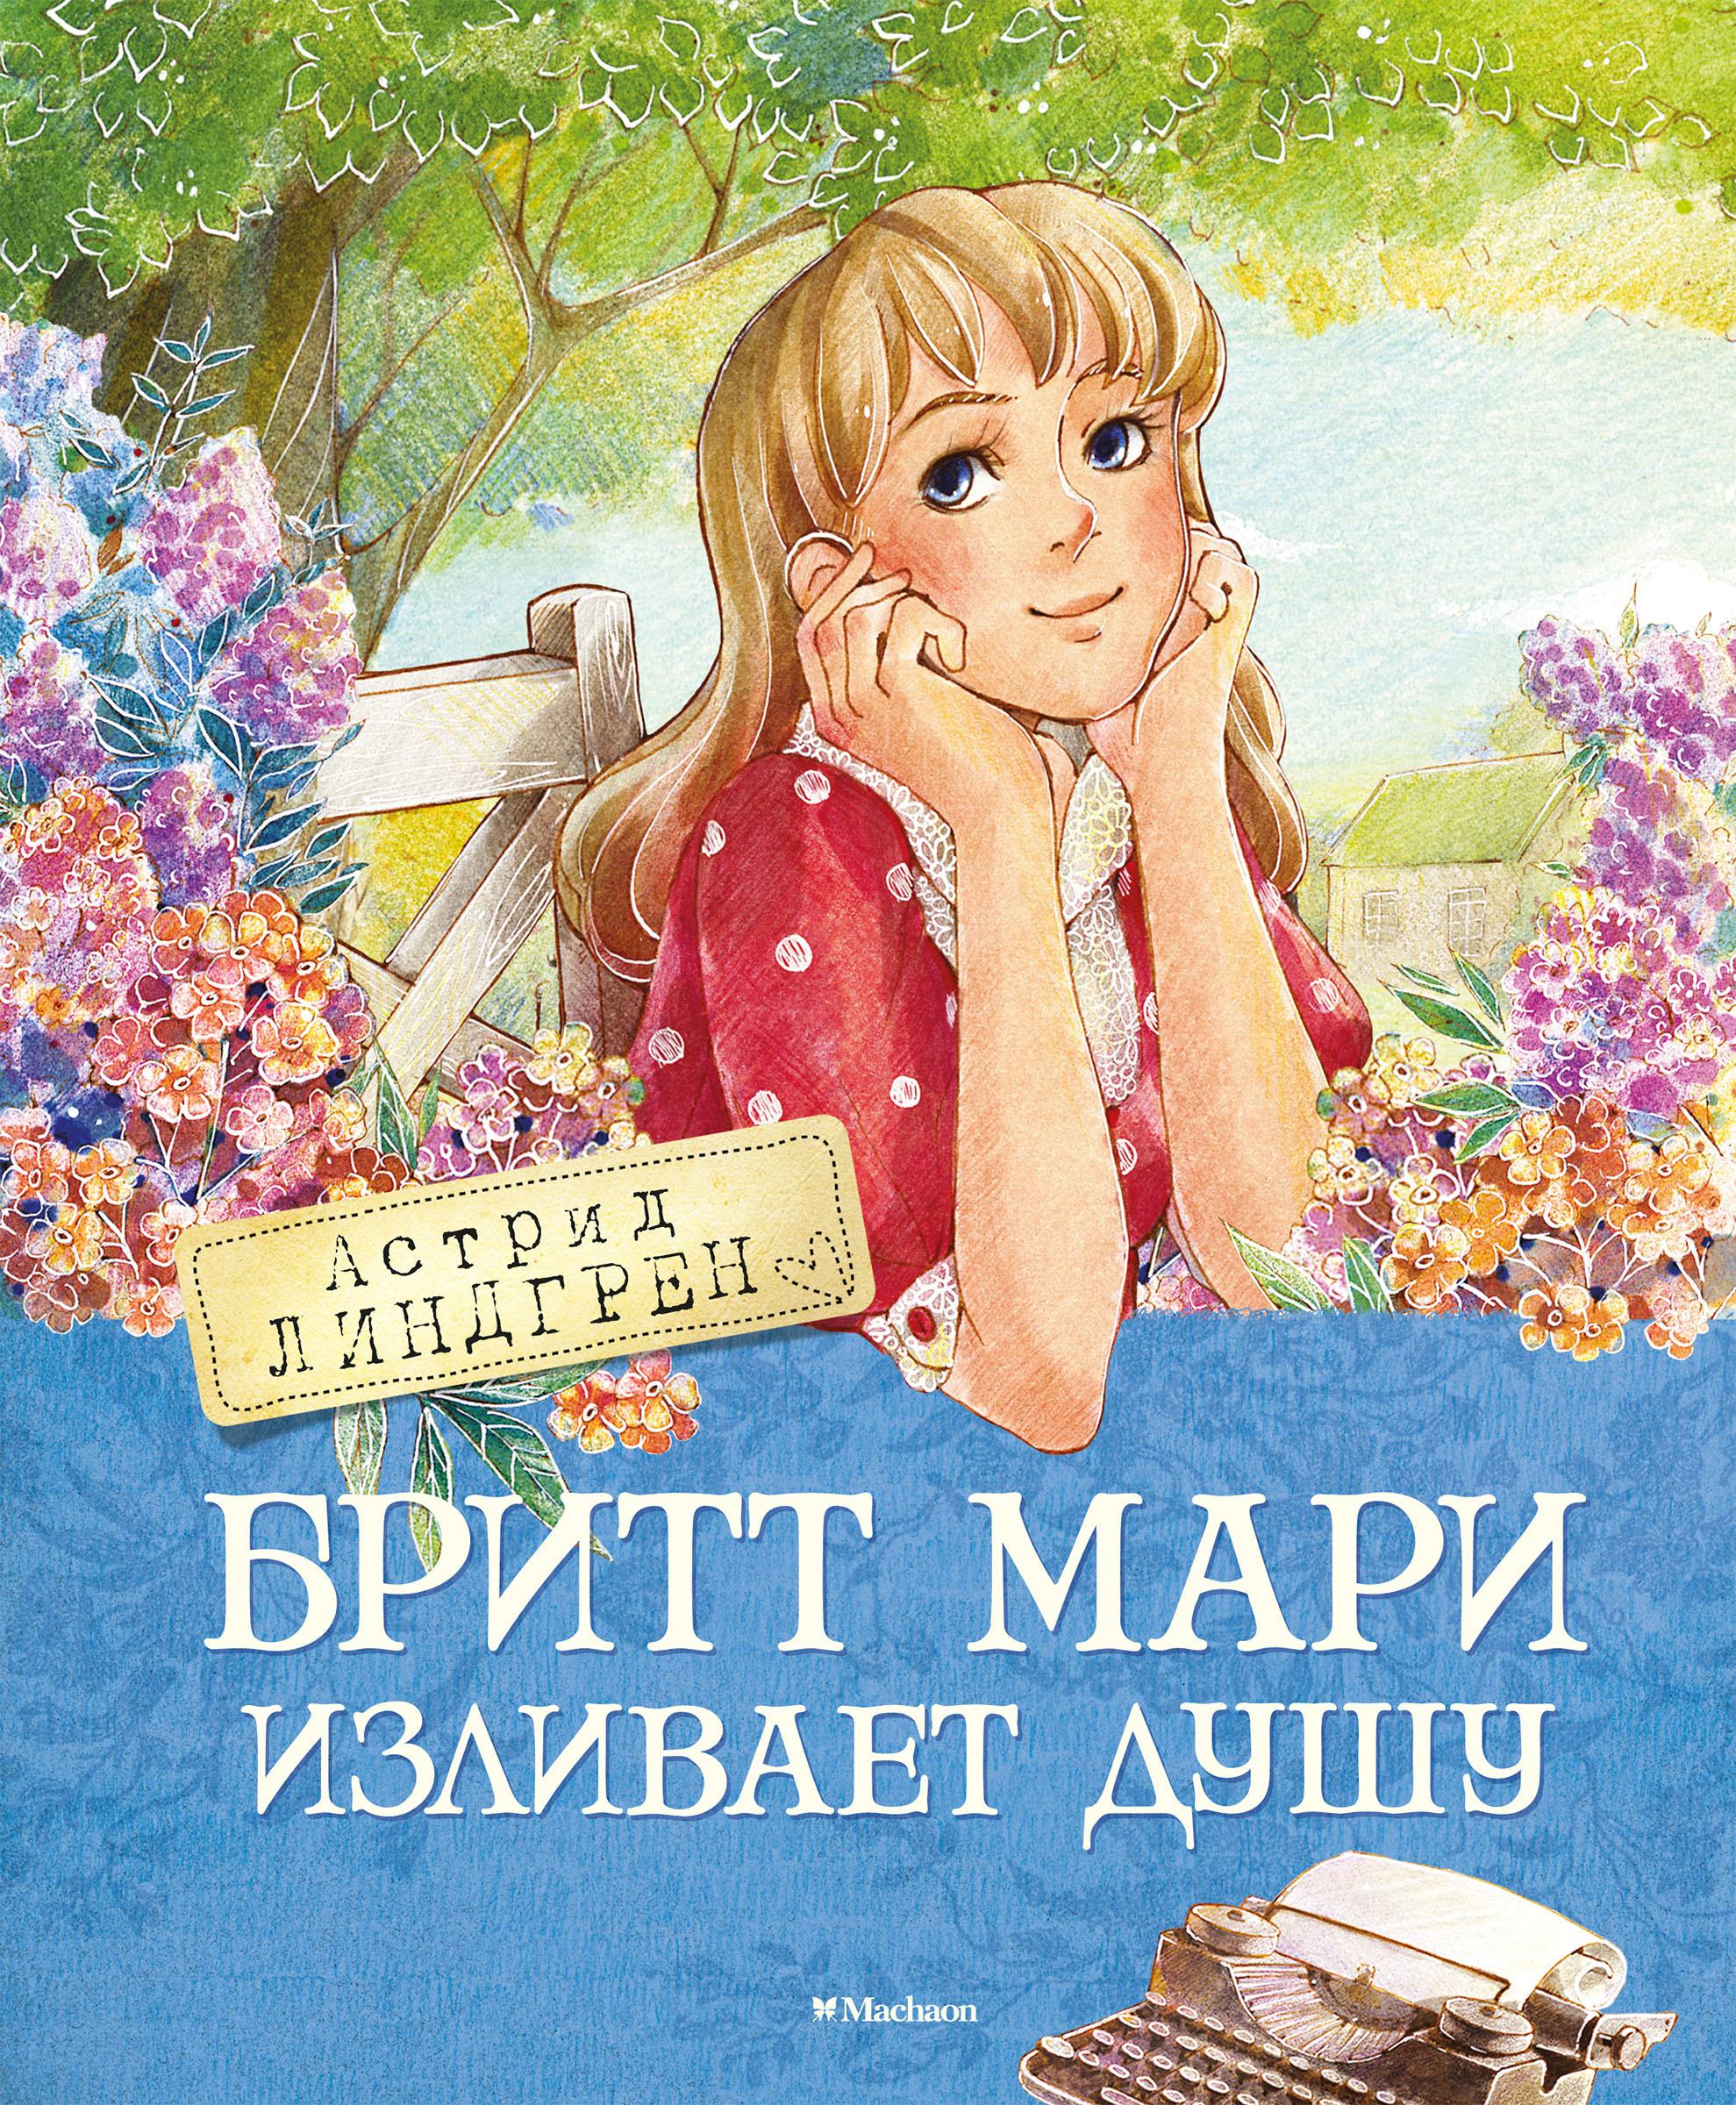 Астрид Линдгрен Бритт Мари изливает душу гульназ резванова зимняя весна первая книга олюбви наивная